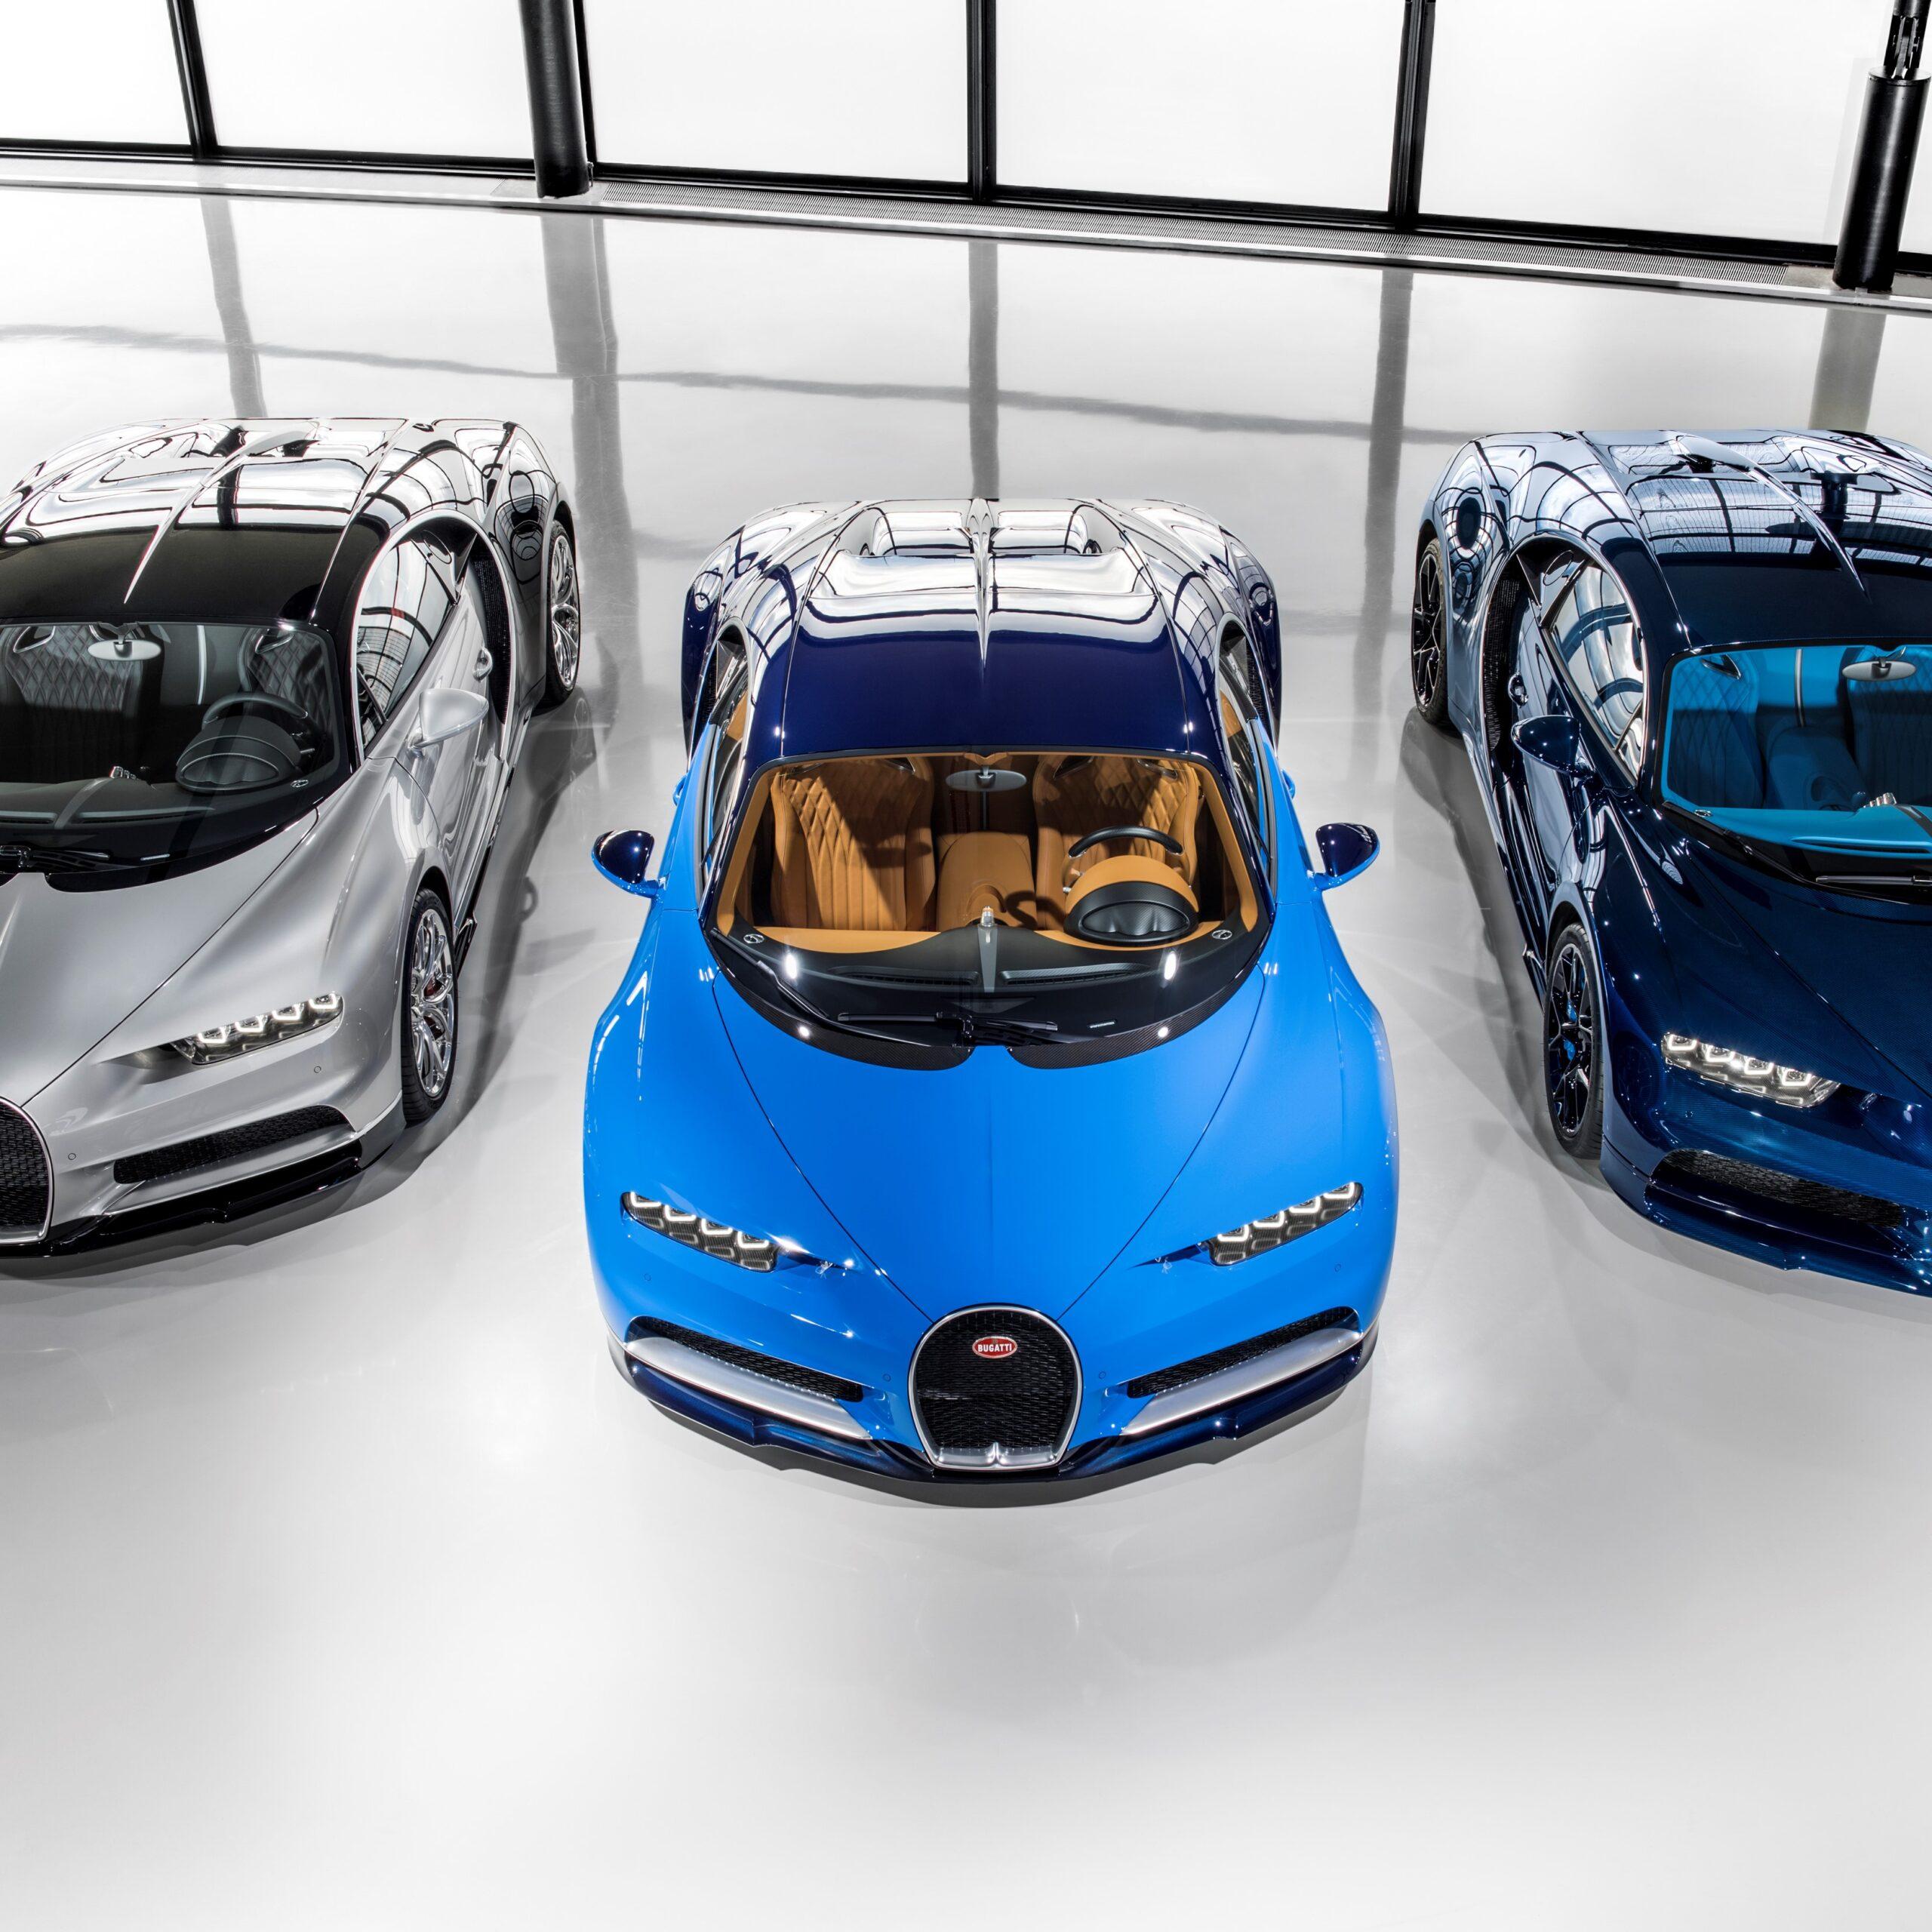 Bugatti via Bugatti for use by 360 Magazine